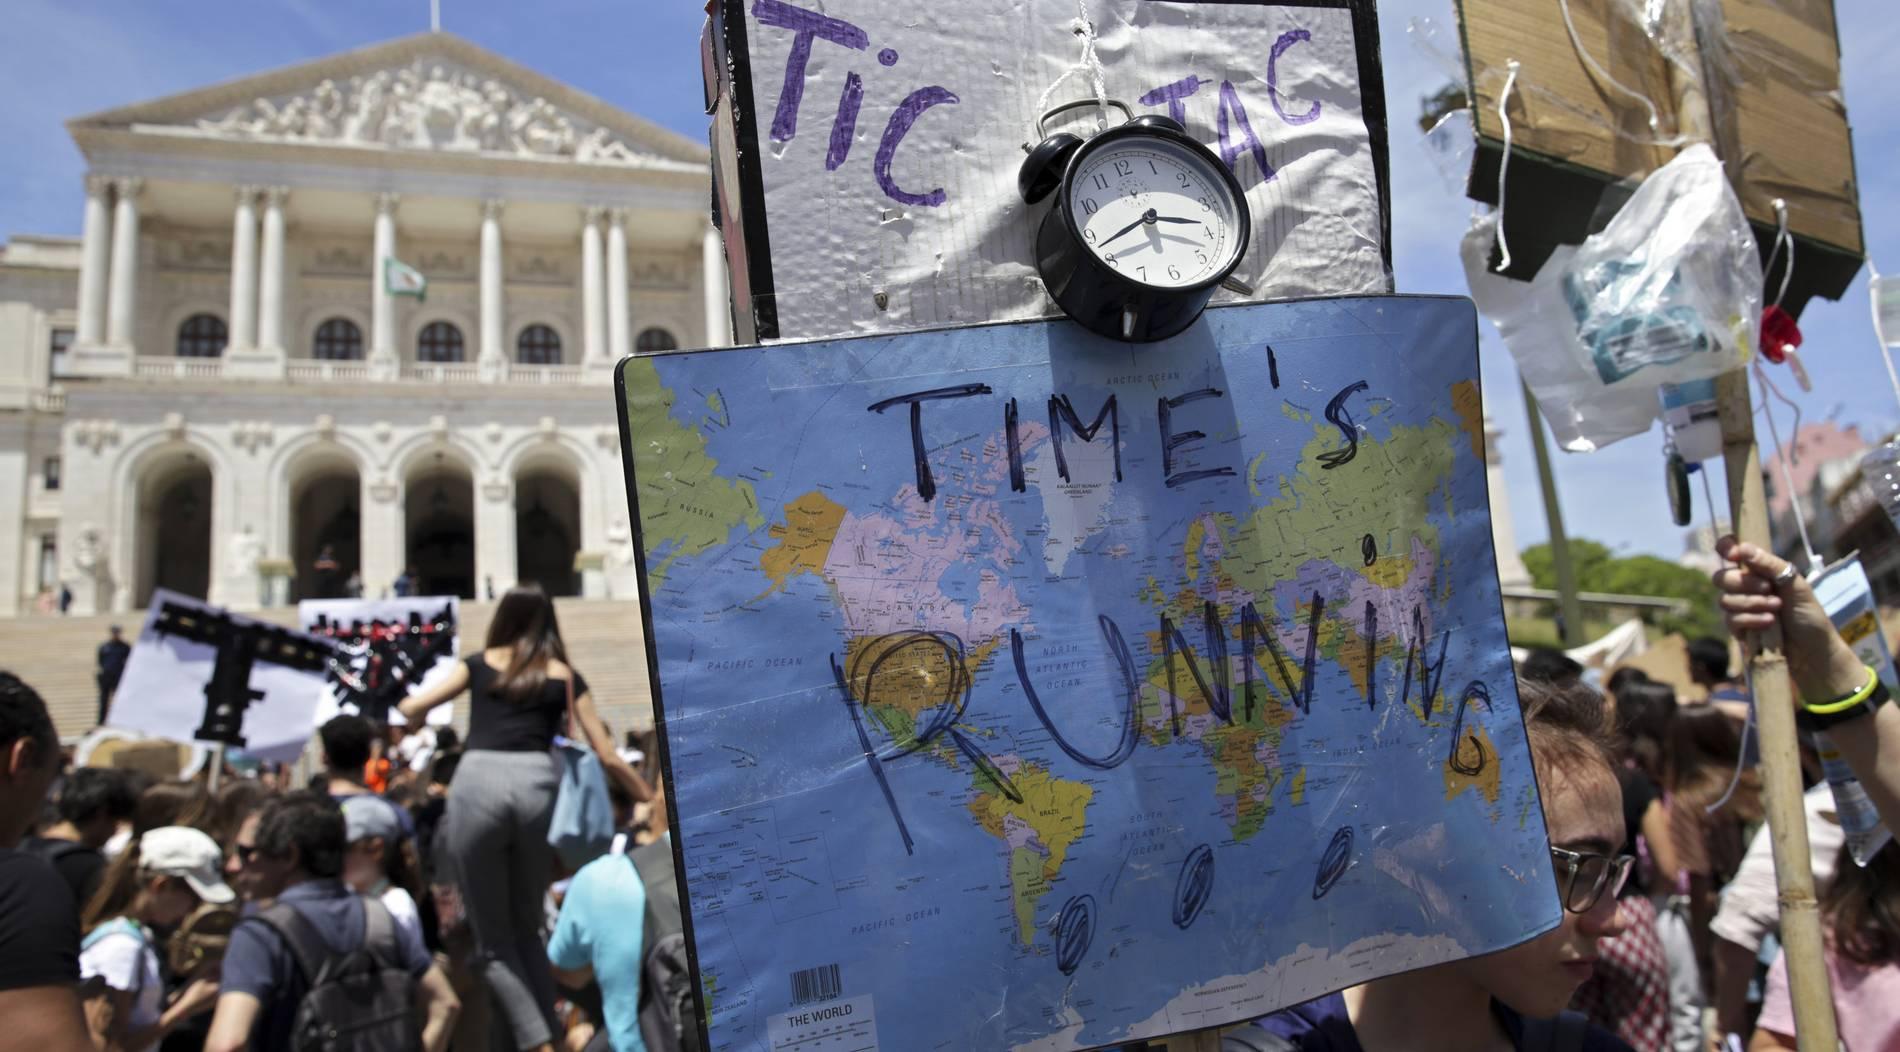 Jugend setzt Union unter Druck - Dämpfer bei Europawahl befürchtet